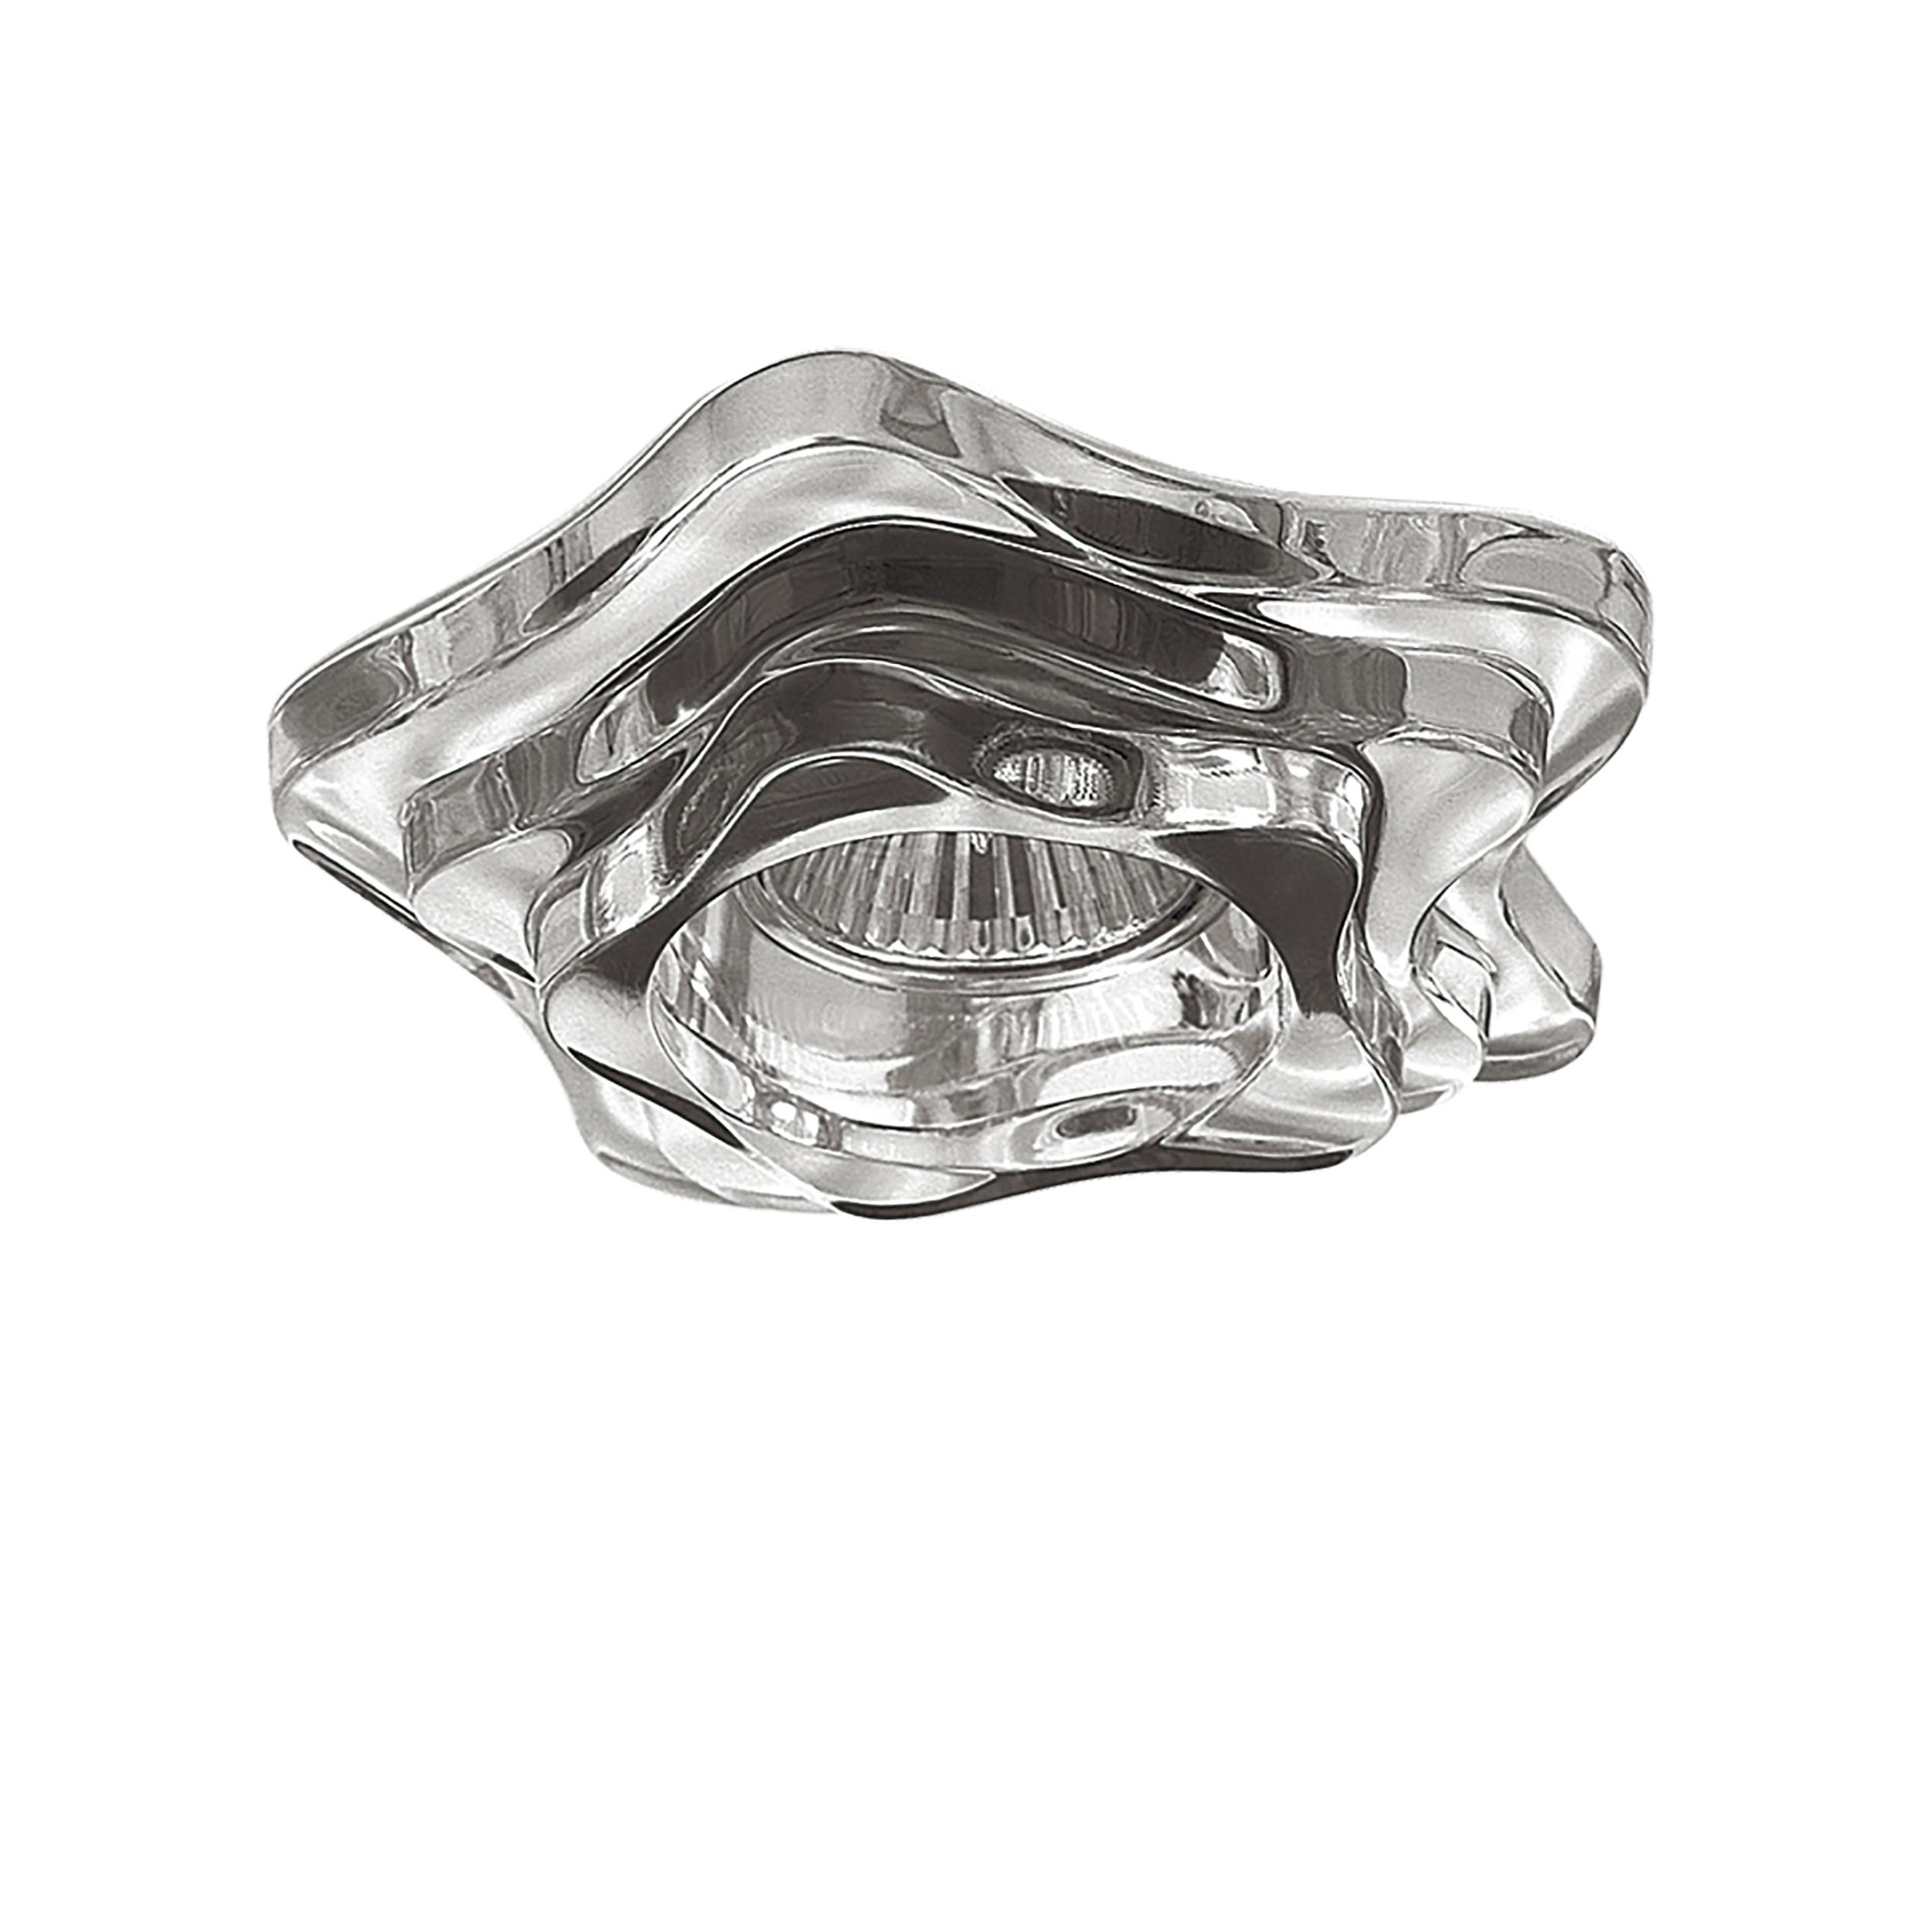 Встраиваемый светильник Lightstar Medusa 006410, 1xGU5.3x50W, прозрачный, стекло - фото 1